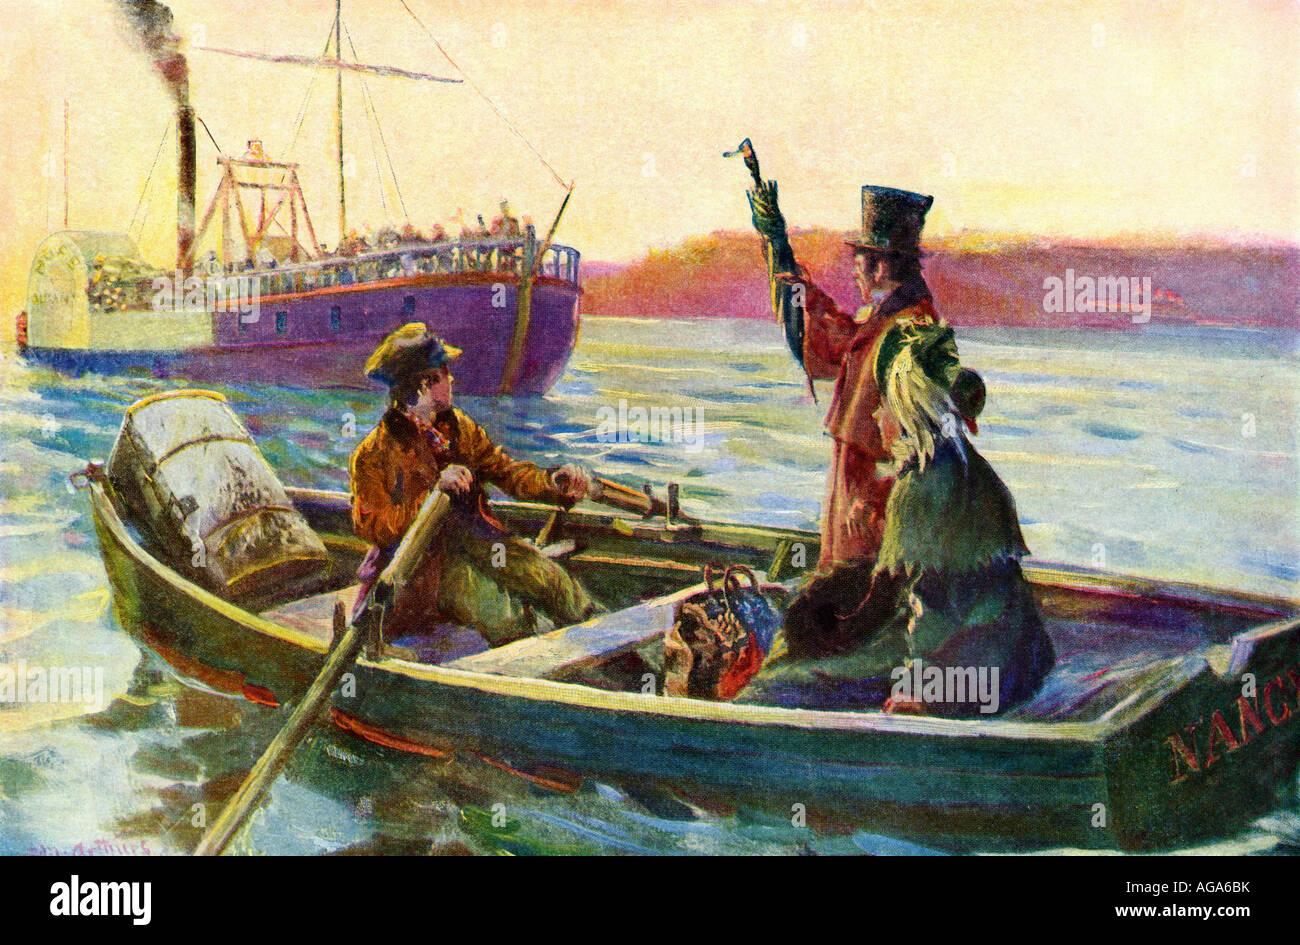 Passagiere, die ursprünglich einem Flussschiff an Bord aus ein Ruderboot in Mitte Stream frühen 1800er Jahren Stockfoto